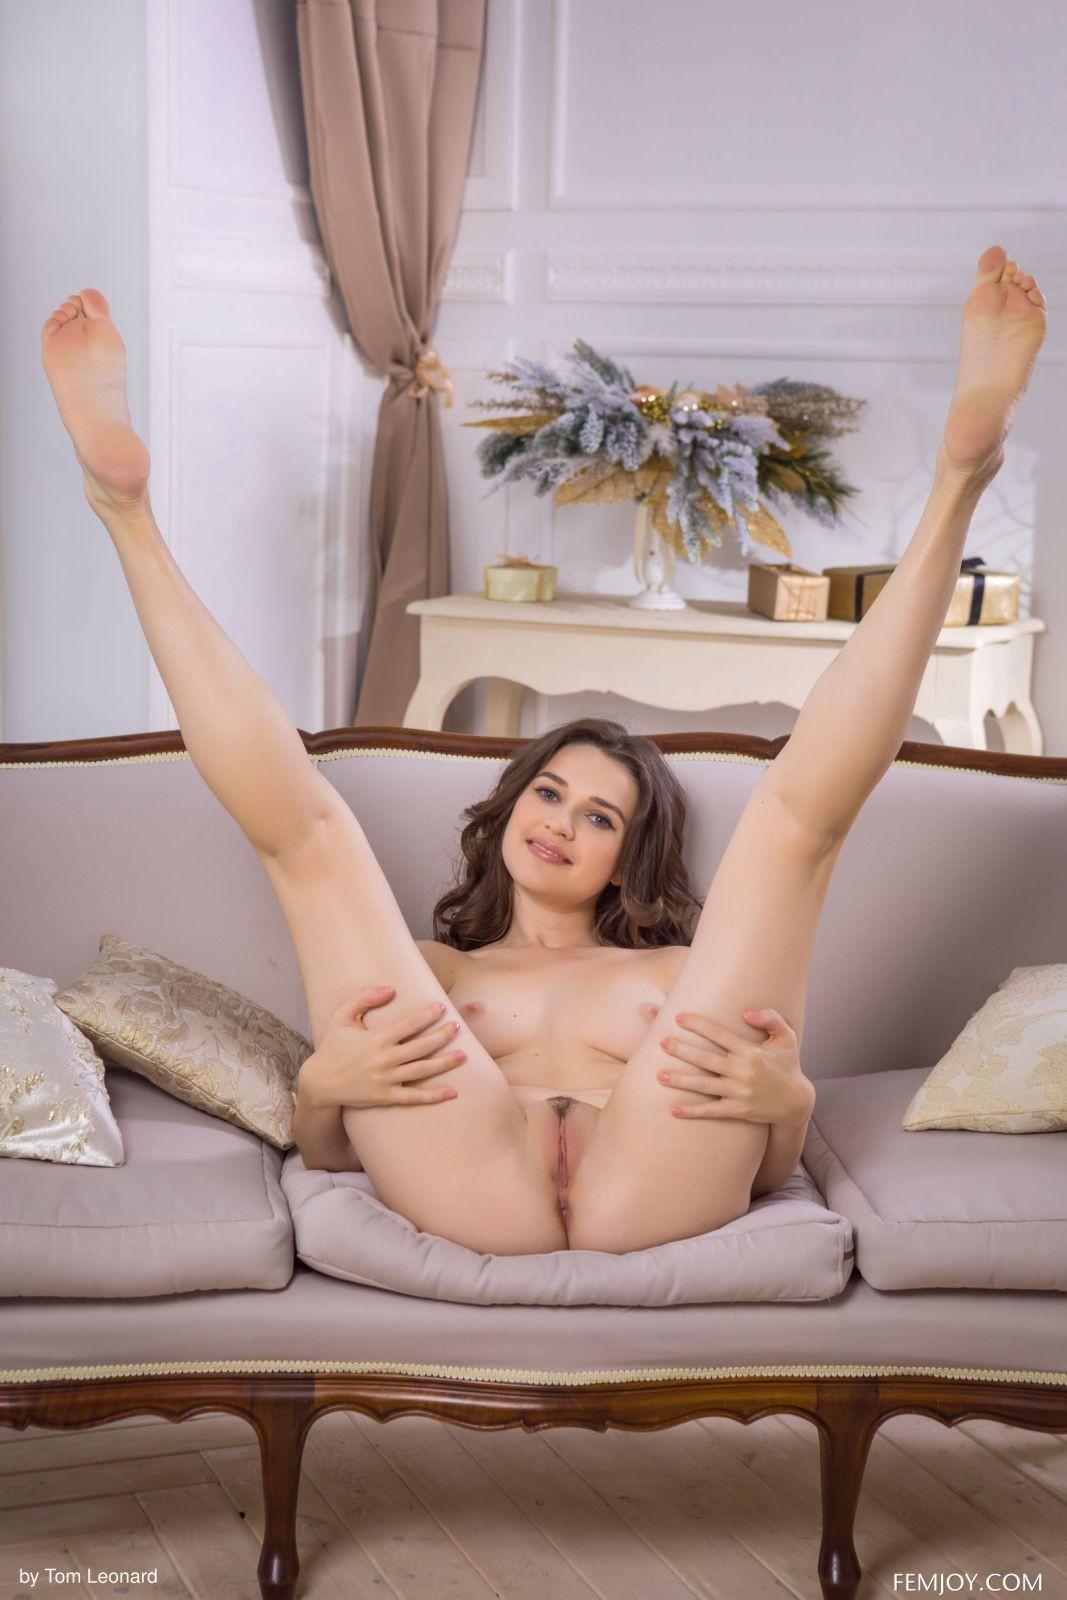 Красотка раздвигает ноги на диване - фото